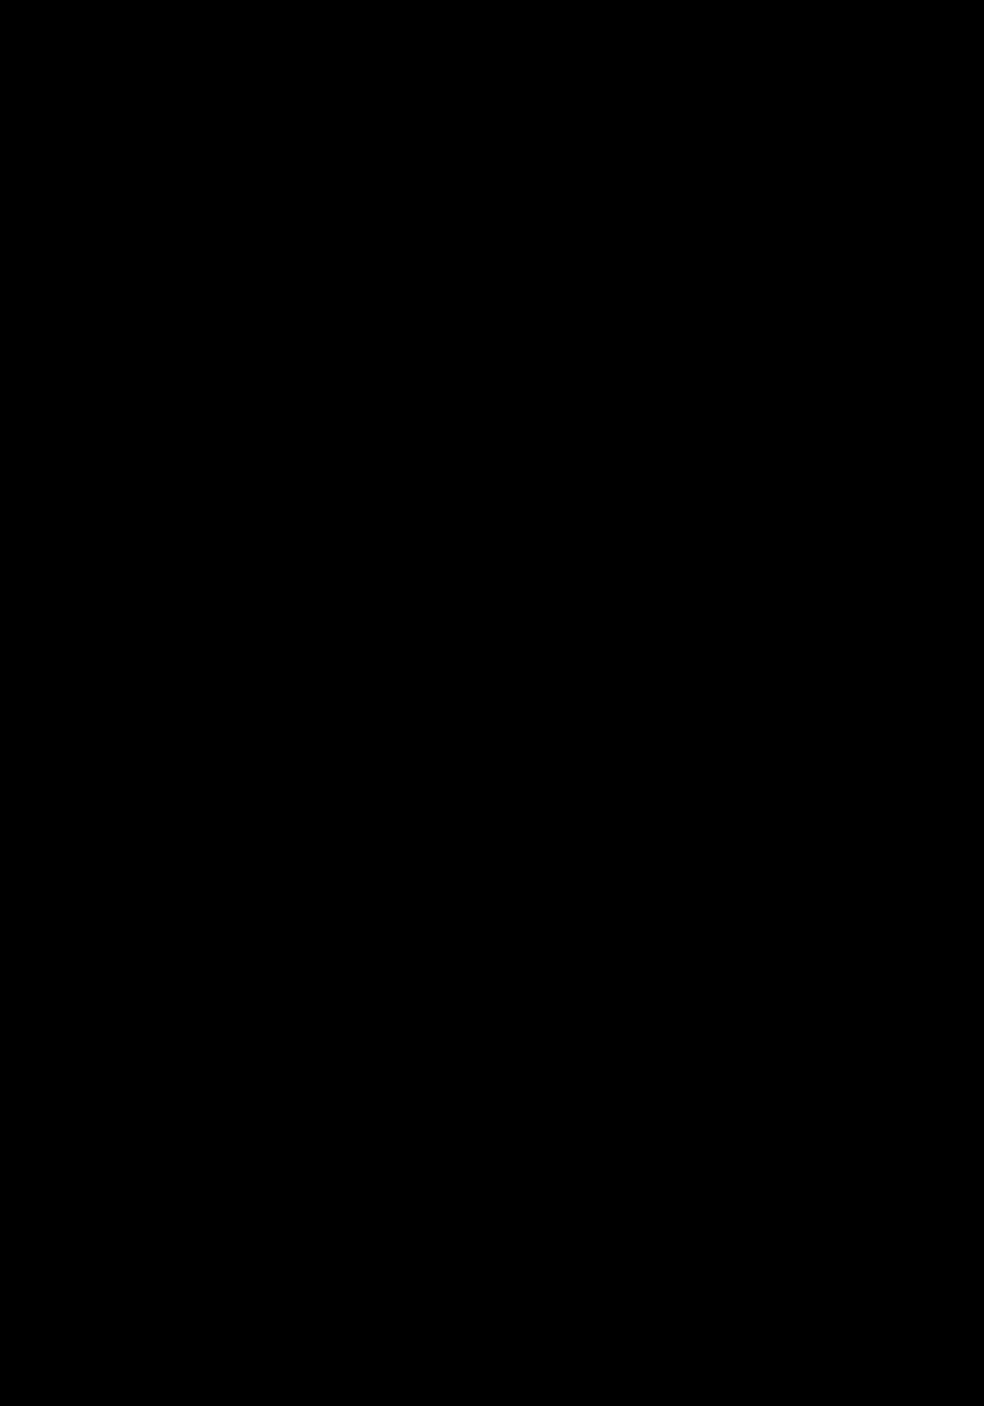 ゴナ U かなC UNAG-C 縦組見本